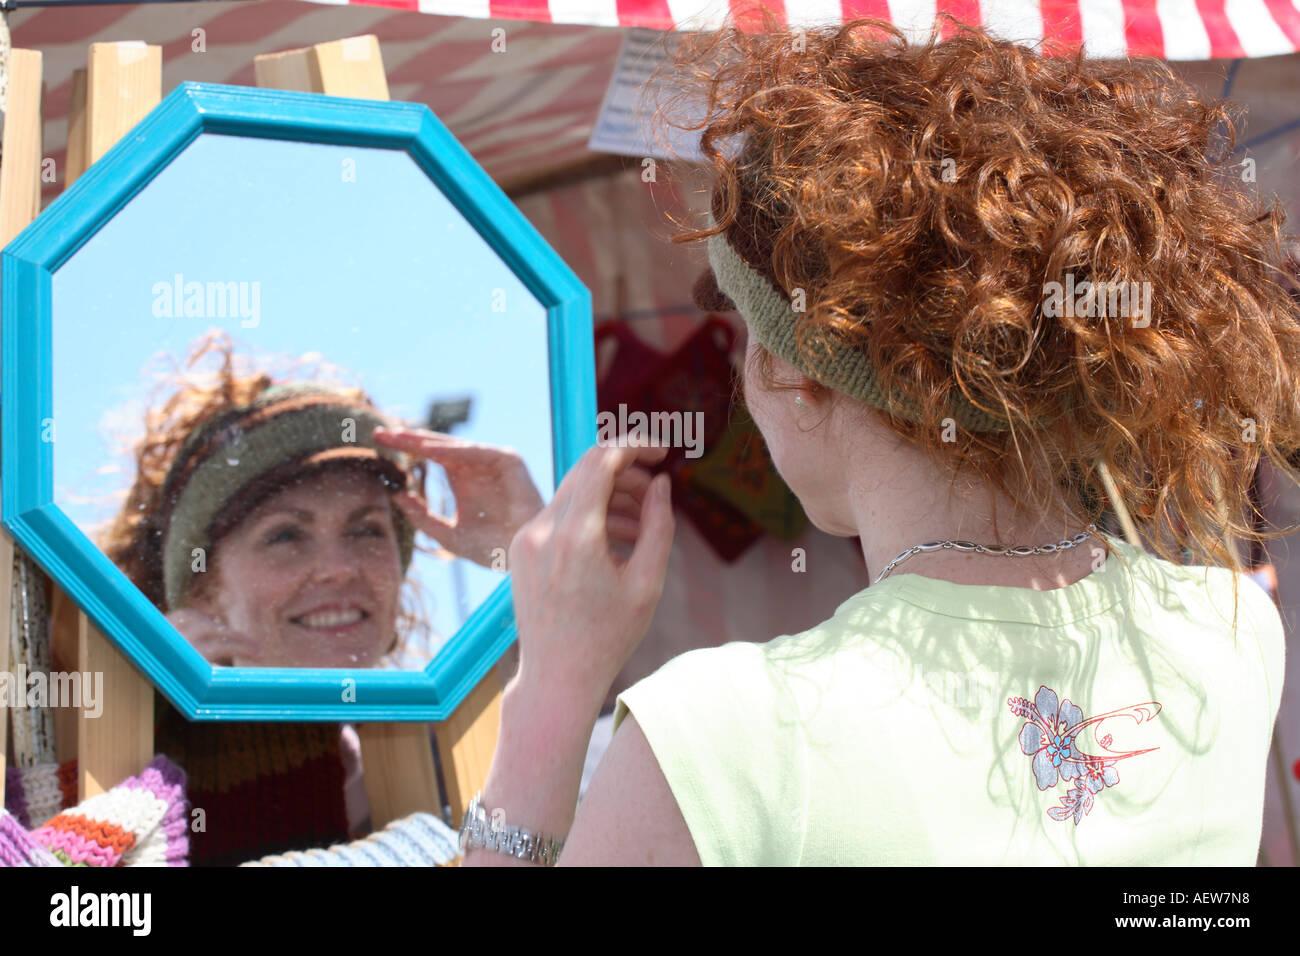 Ragazza al distributore di vendita di stallo wollens, cappello, giovane donna indossa & vendita di berretti di lana sulla giornata di sole a Portsoy, Morayshire vicino a Inverness Scozia Scotland Regno Unito Immagini Stock